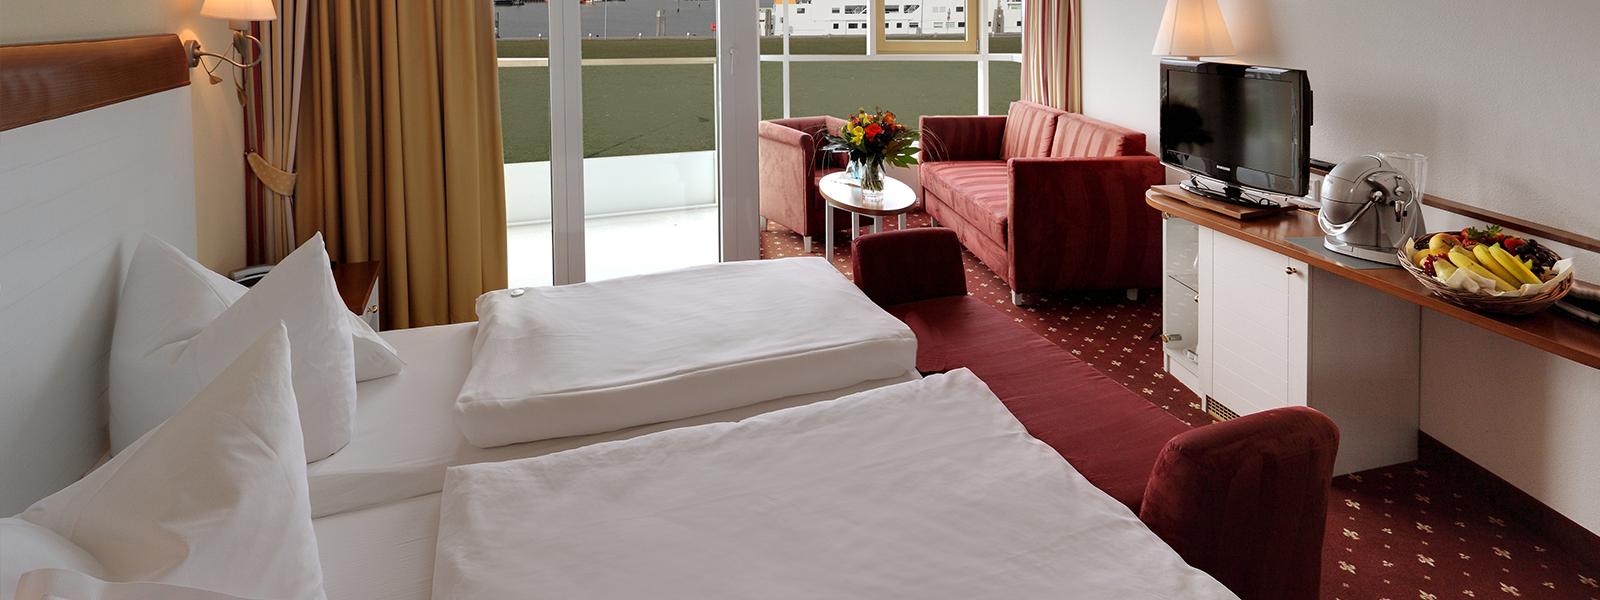 Blick ins Hotelzimmer im Westdeck mit Doppelbett